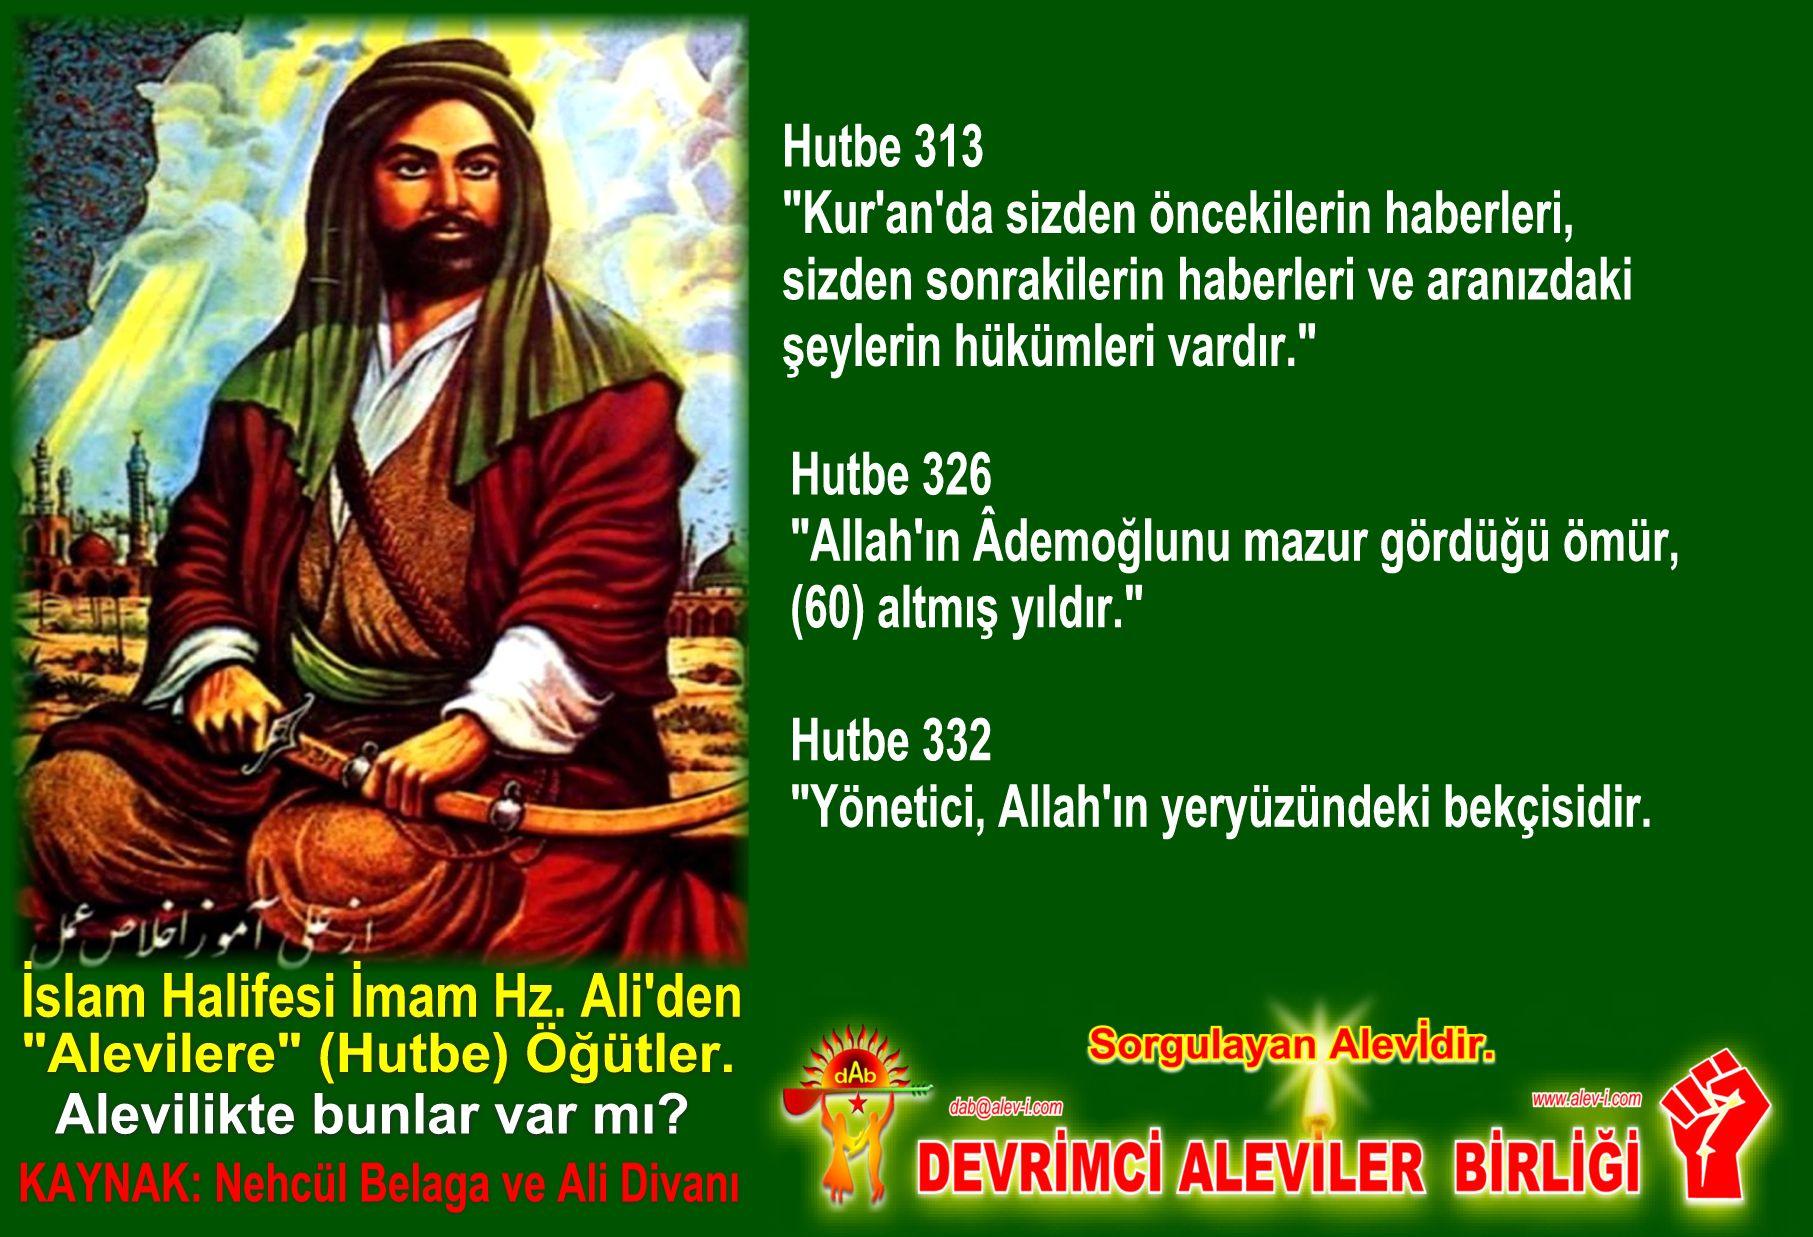 Devrimci Aleviler Birliği DAB Alevi Kızılbaş Bektaşi pir sultan cem hz Ali 12 imam semah Feramuz Şah Acar halife imam hz ali den hutbe ogut inciler 11